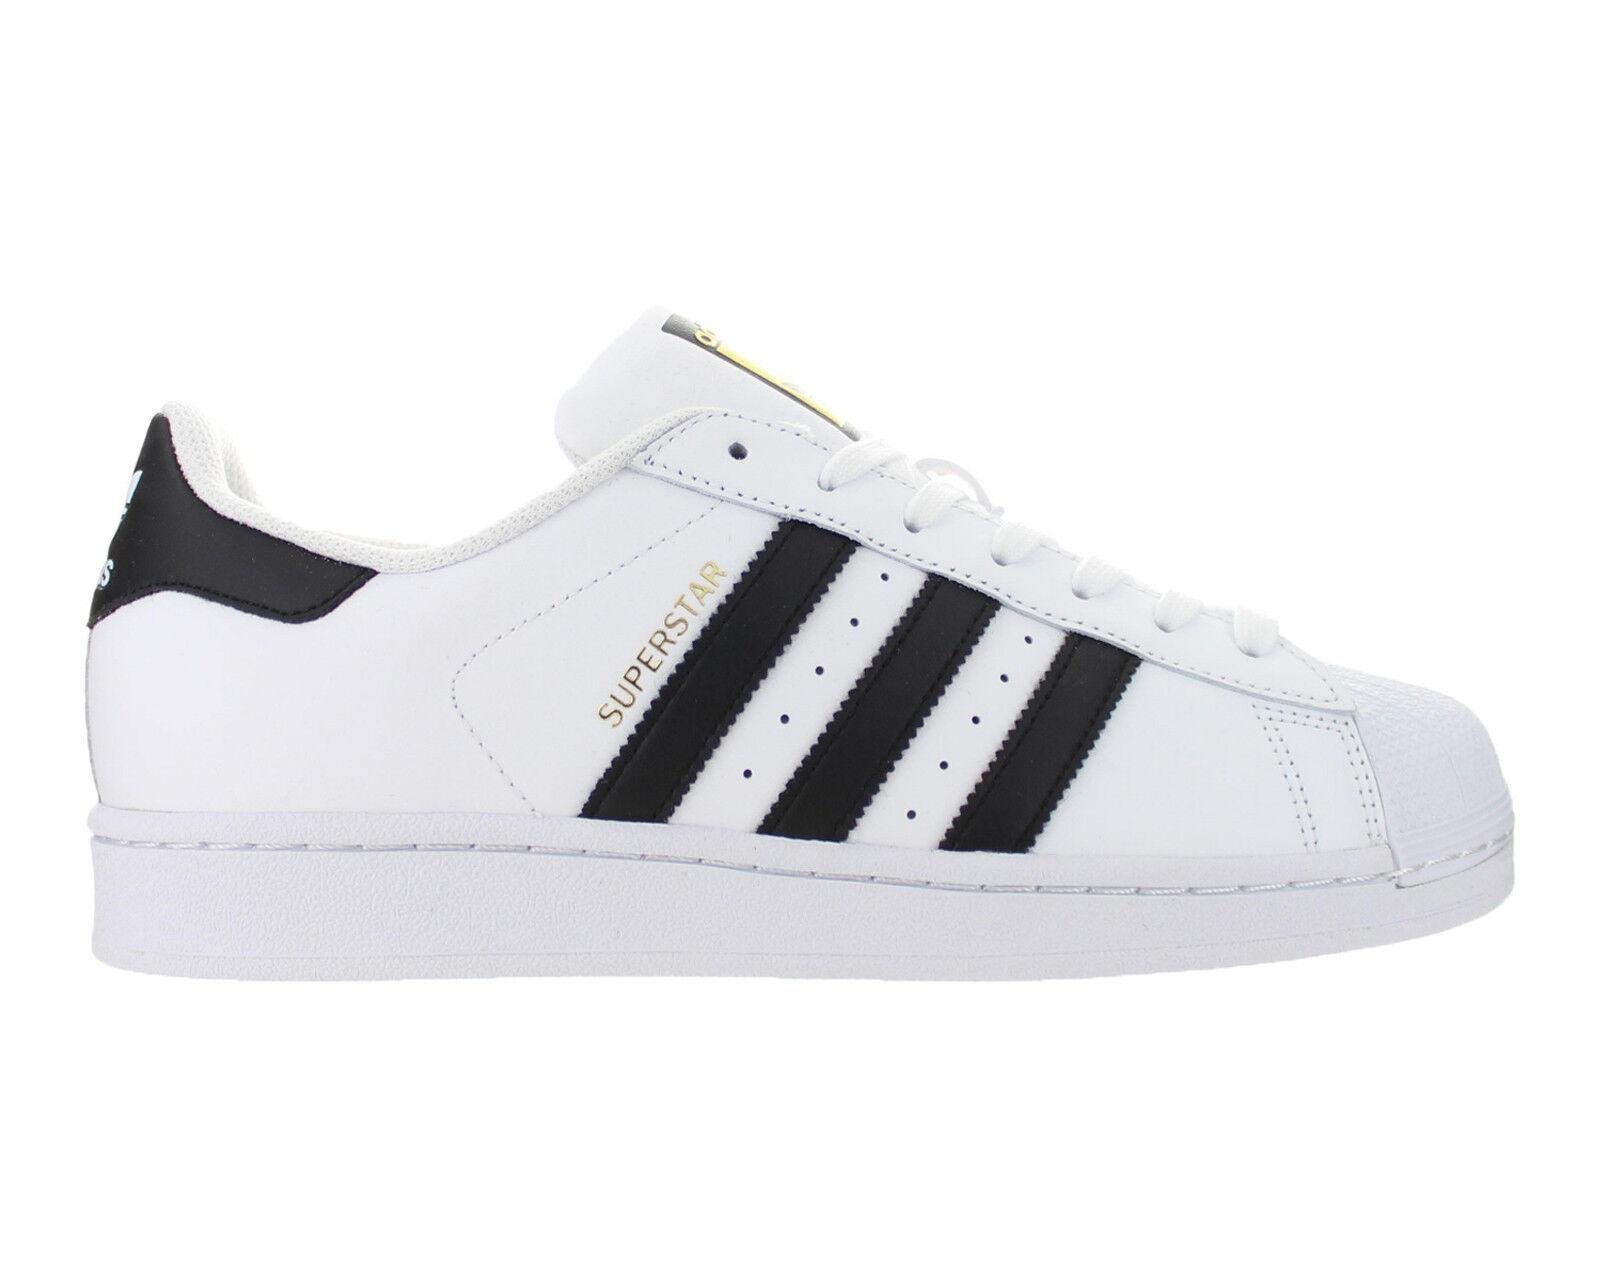 Mens Adidas Superstar Adidas Originals bianca nero nero nero C77124 e8216c